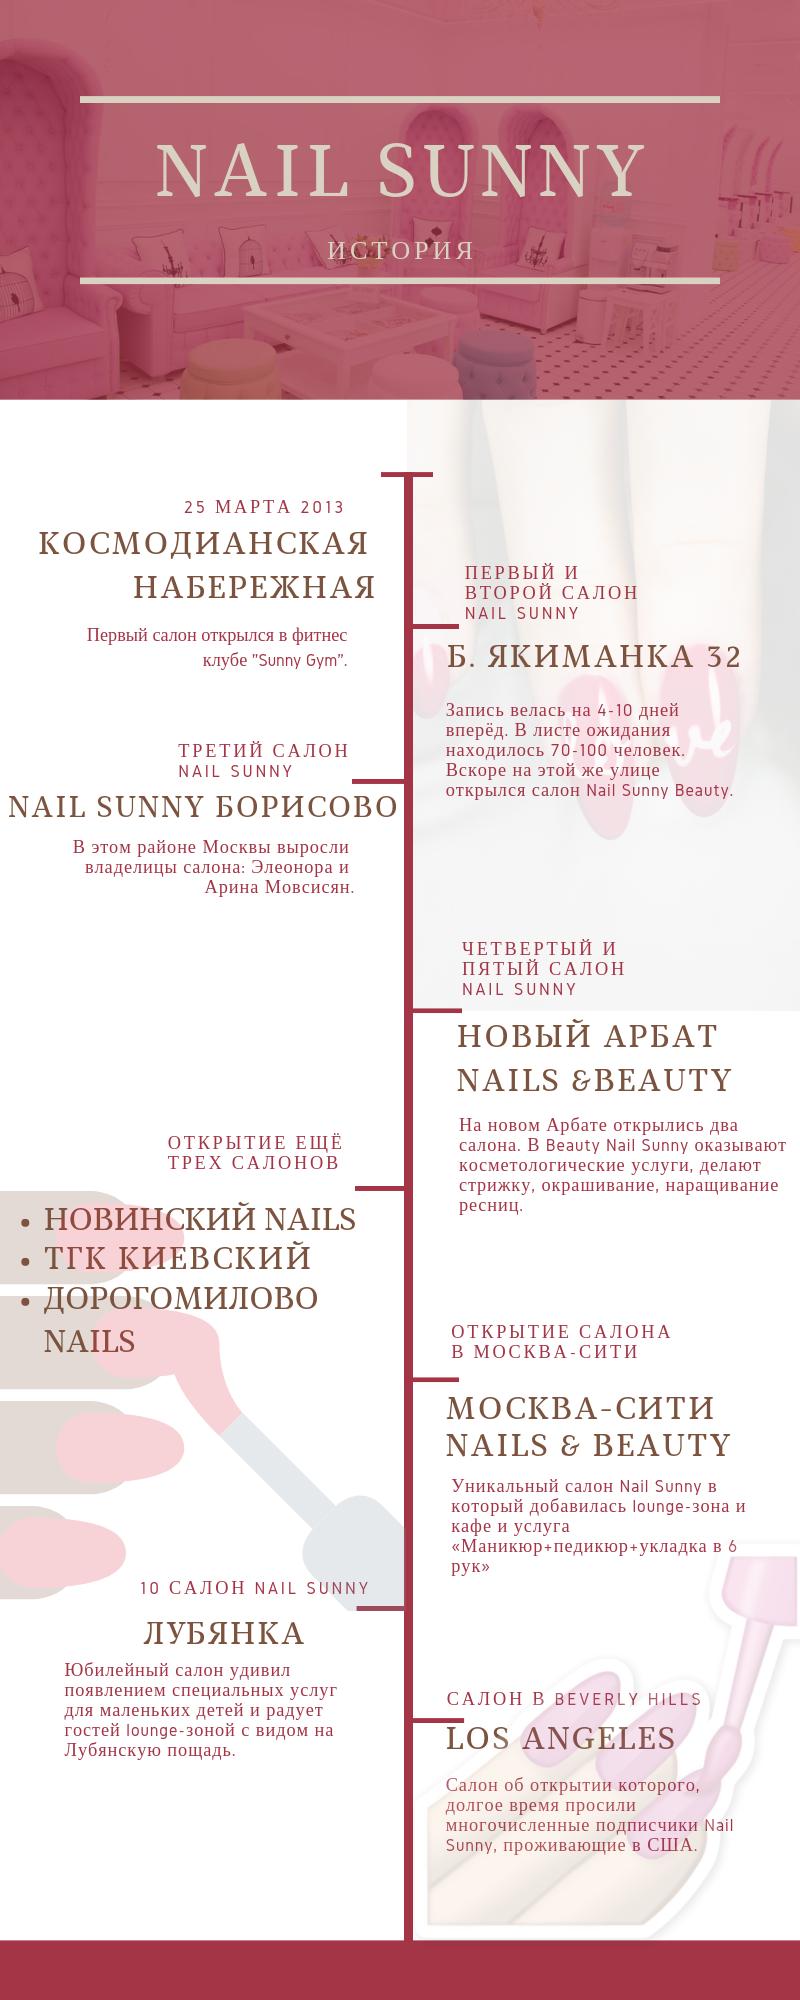 NAIL SUNNY: beauty-империя